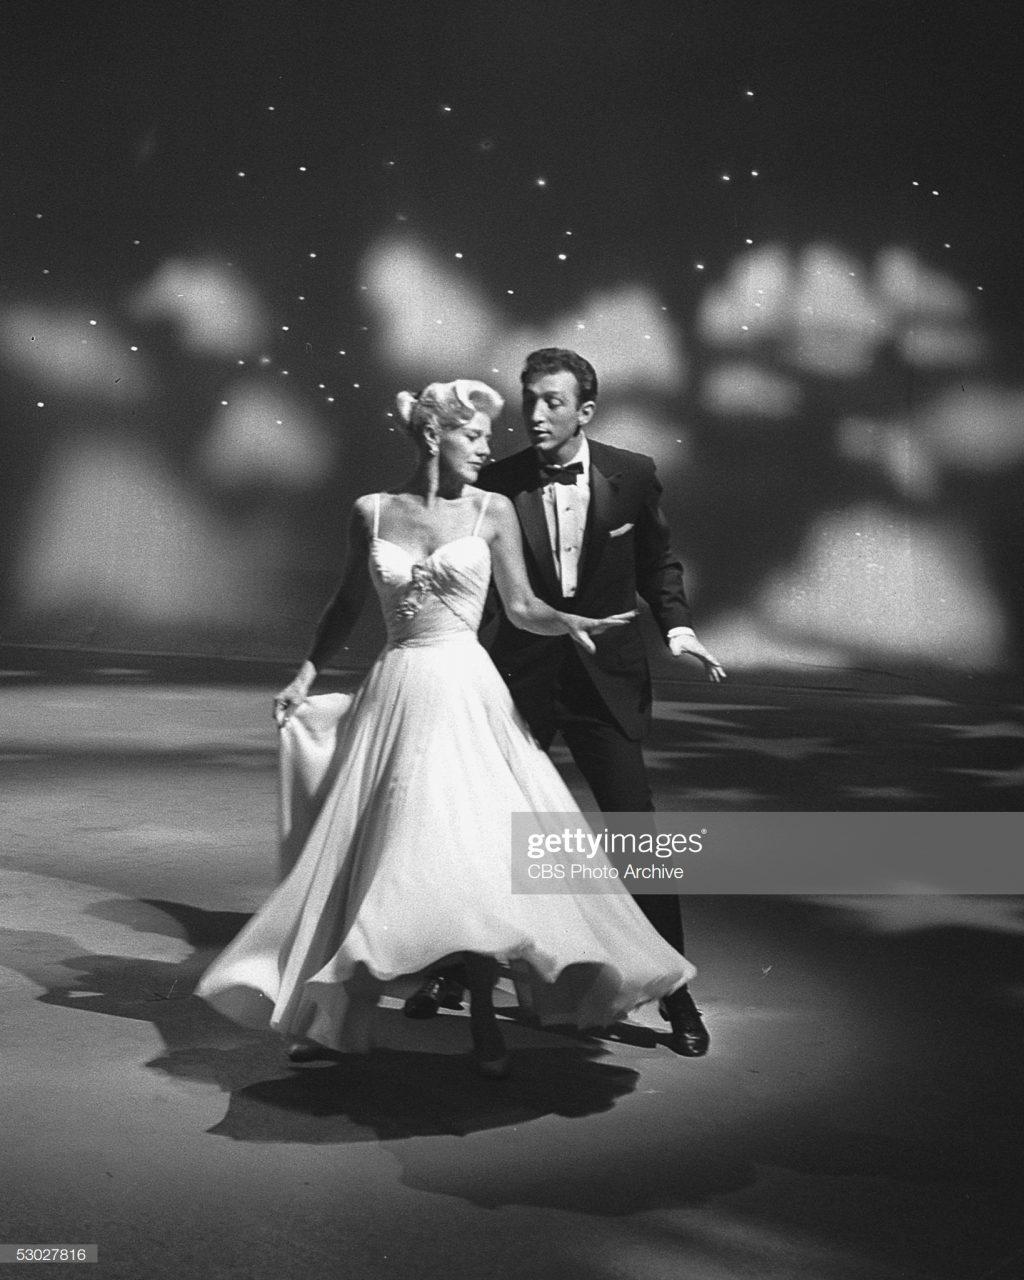 """Diễn viên Ginger Rogers trong bộ phim """"Swing Time""""(1936) với thiết kế đầm đặc trưng những năm 30s."""